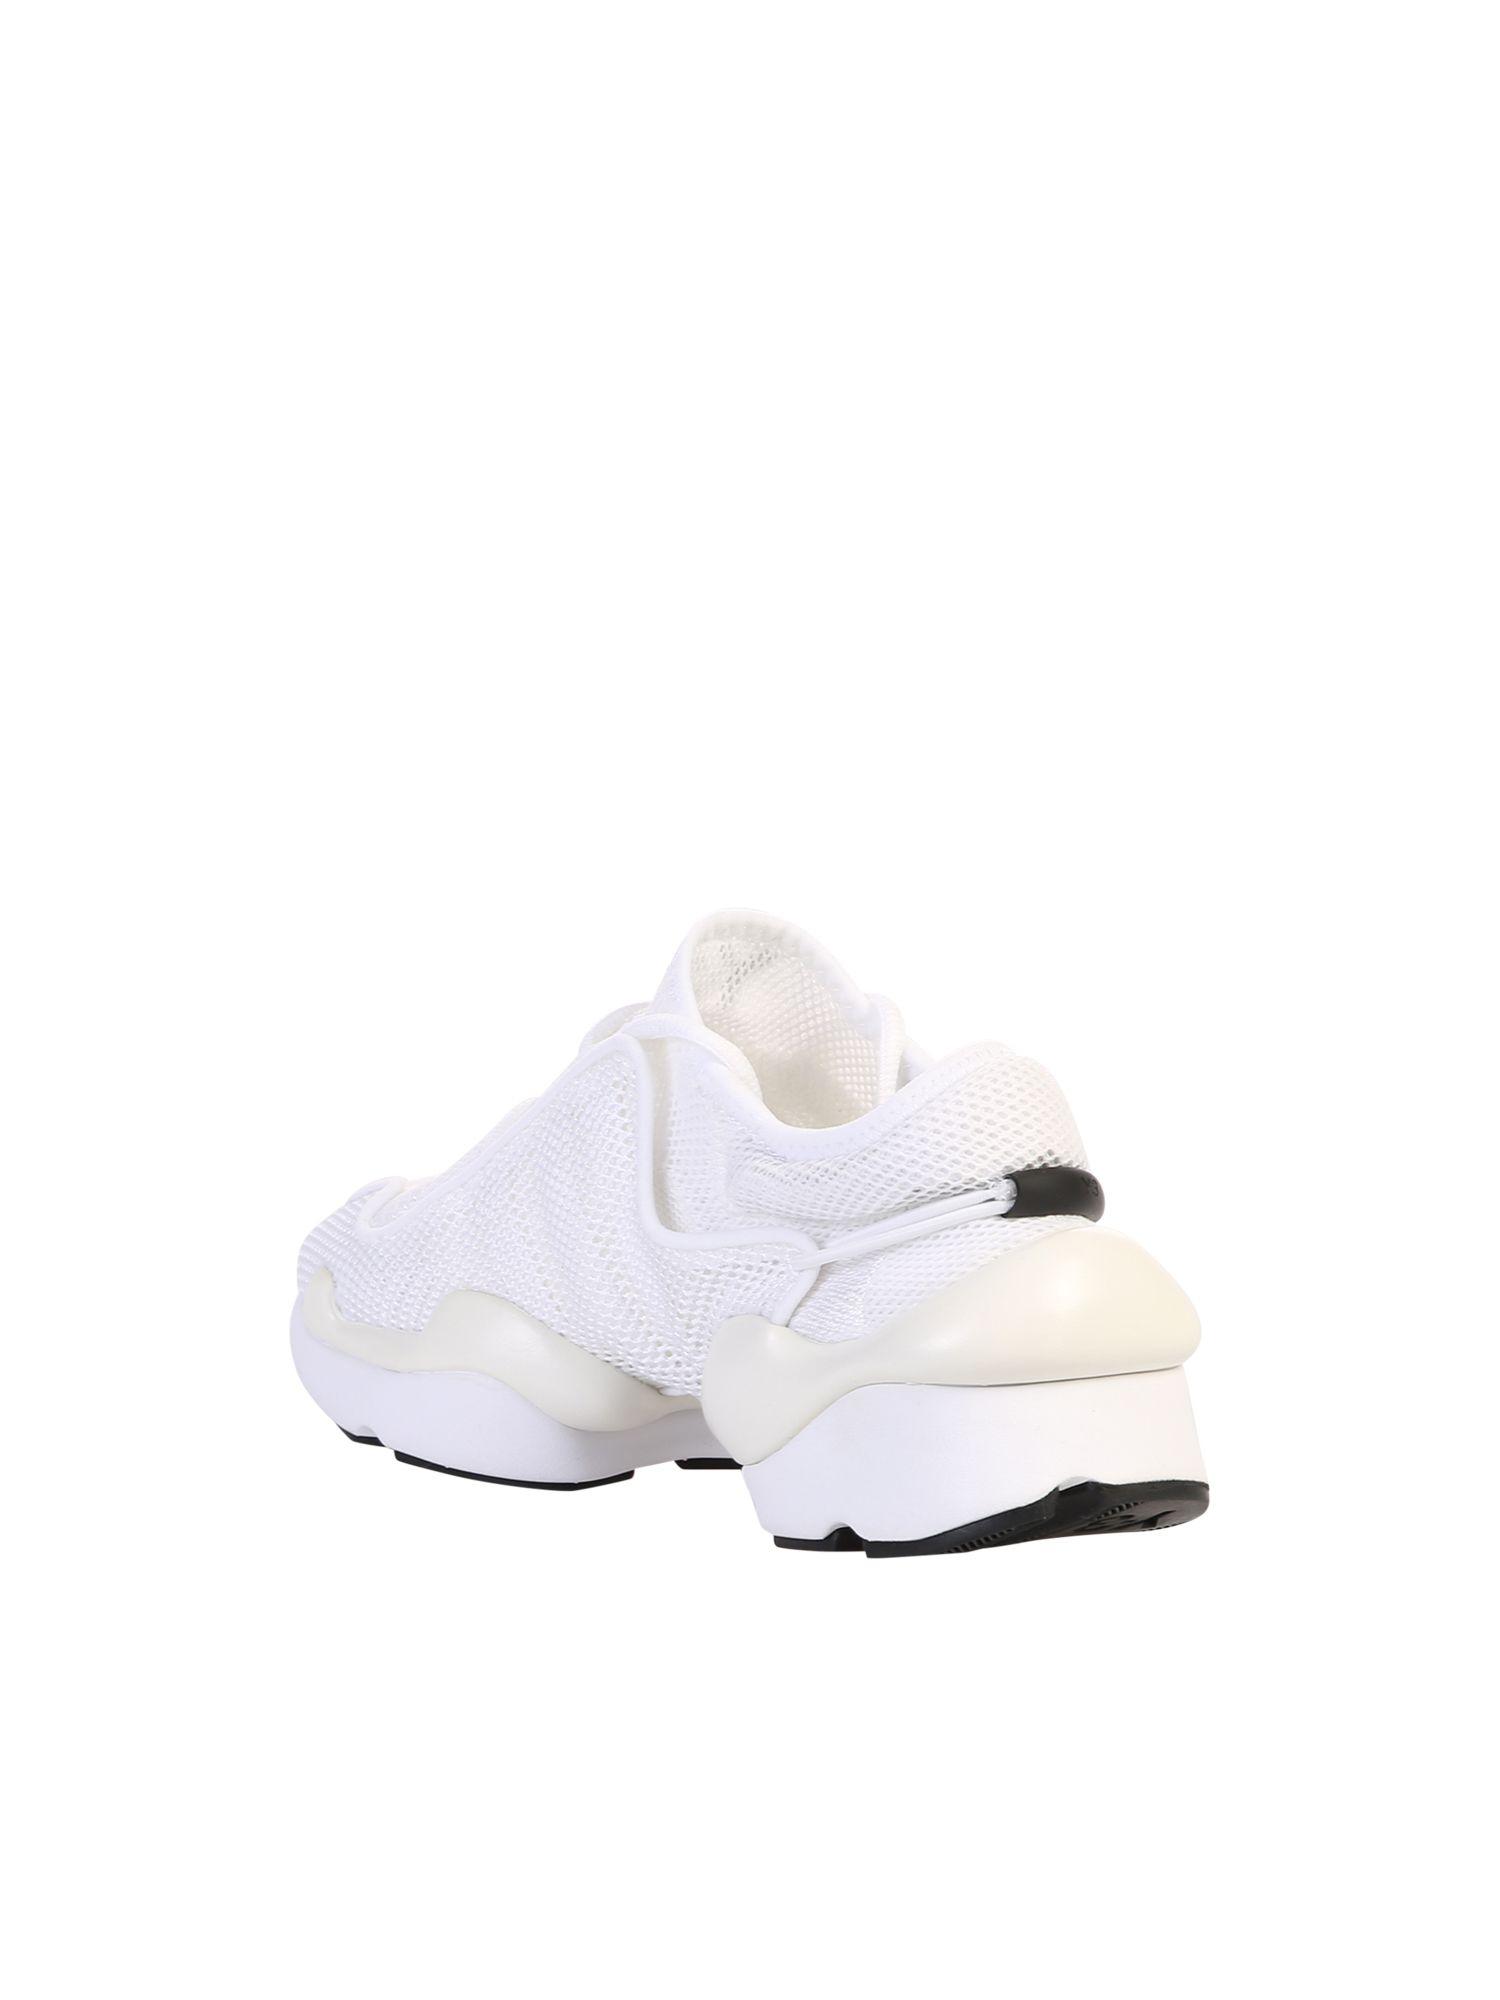 9807bef2d Y-3 Y-3 Y-3 Kaiwa Pod Sneakers - White - 10873504